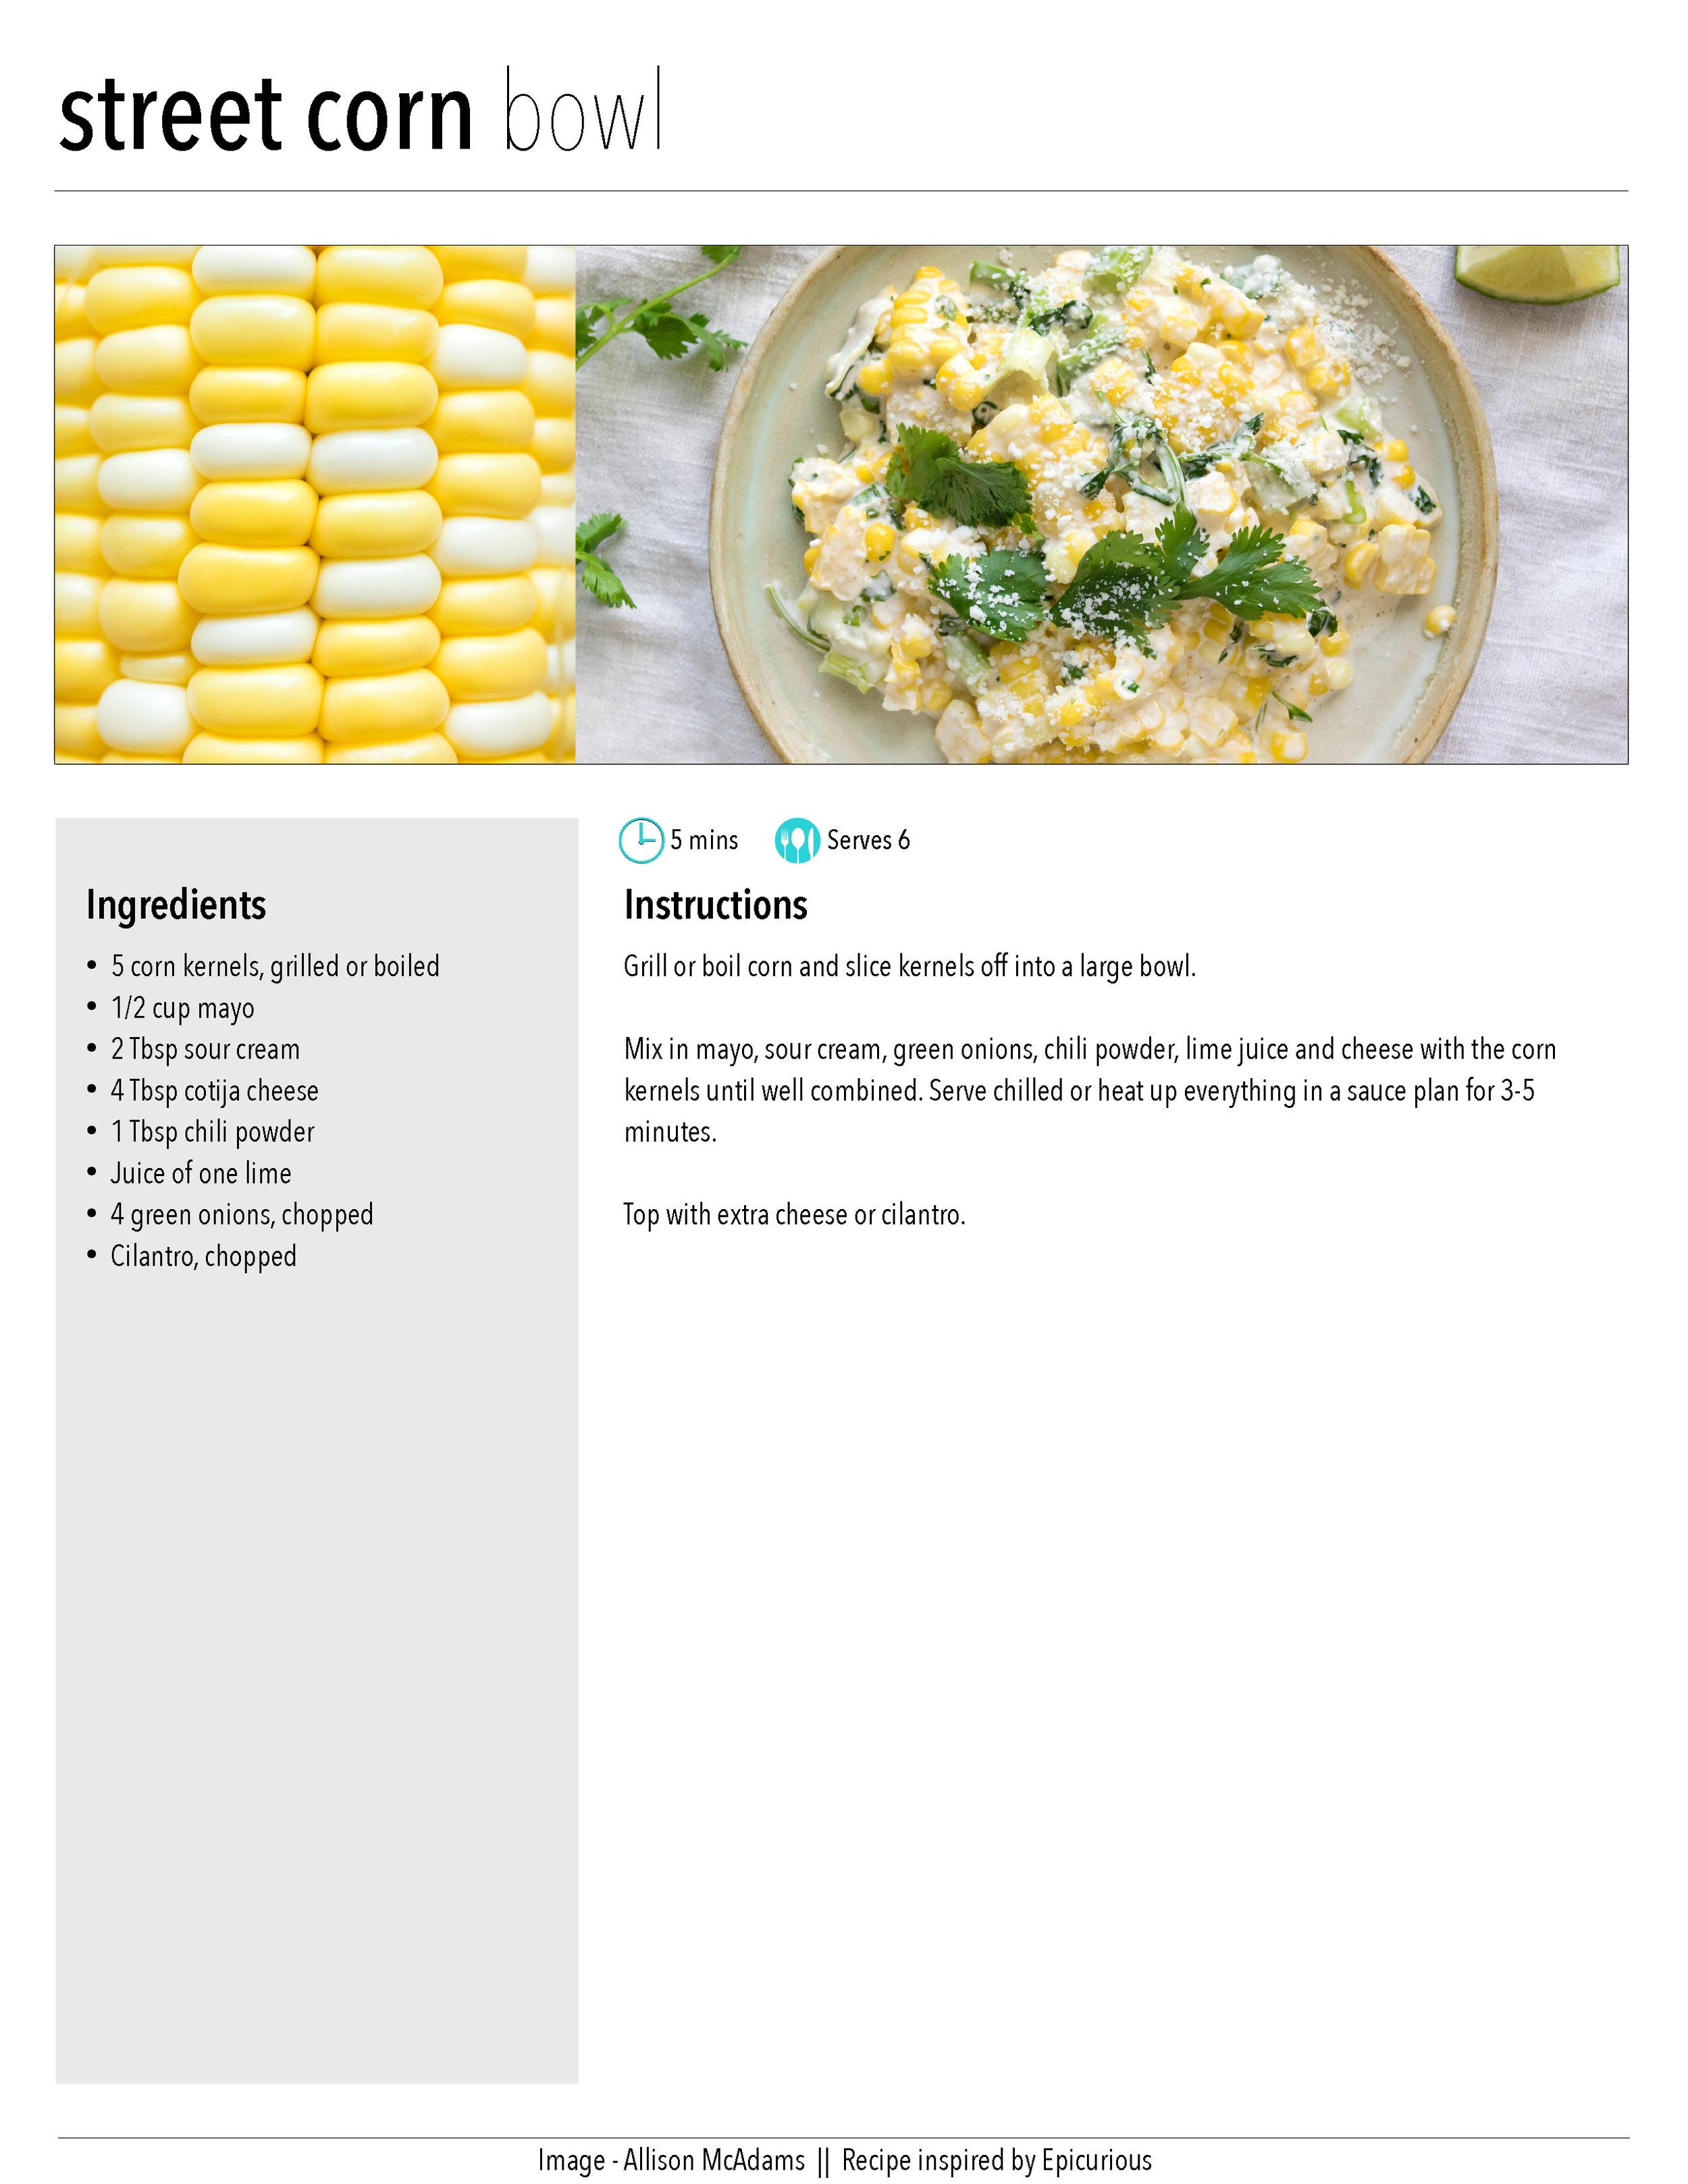 Street Corn Bowl